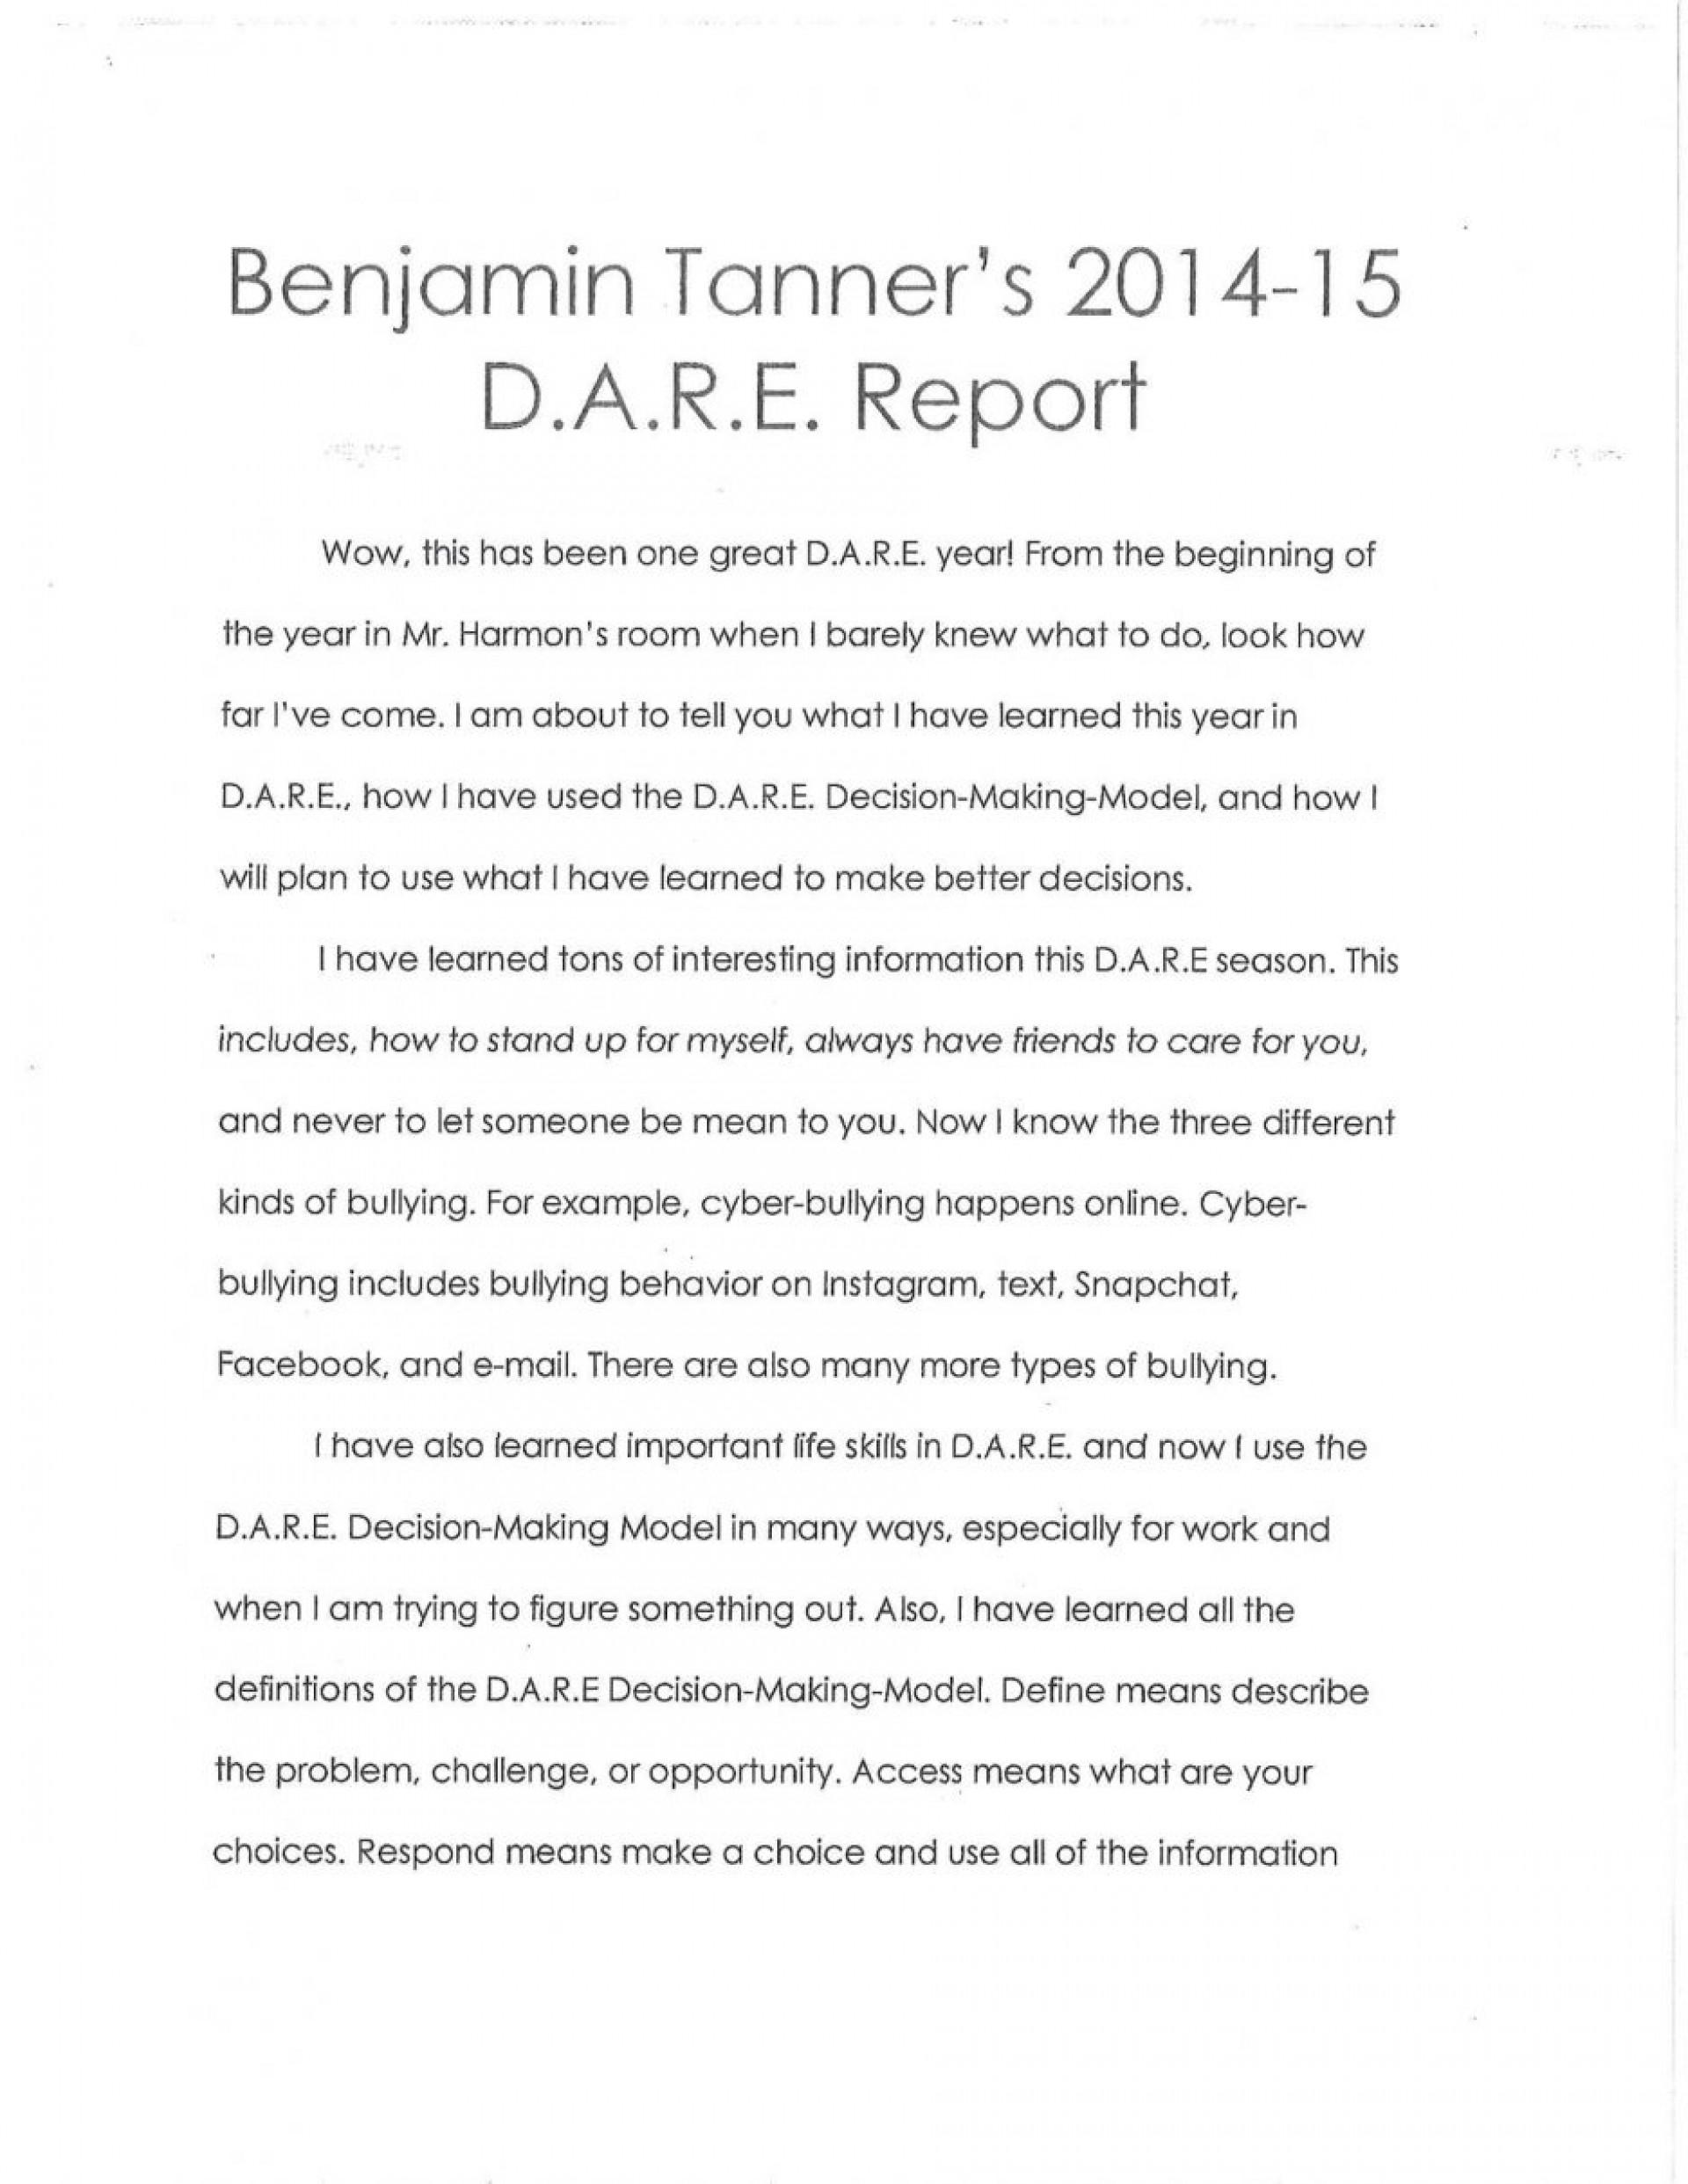 018 Essay Example Winning Dare Essays Brennen Elem Examples Winner Of 5th Grade For Staggering 2018 2016 1920